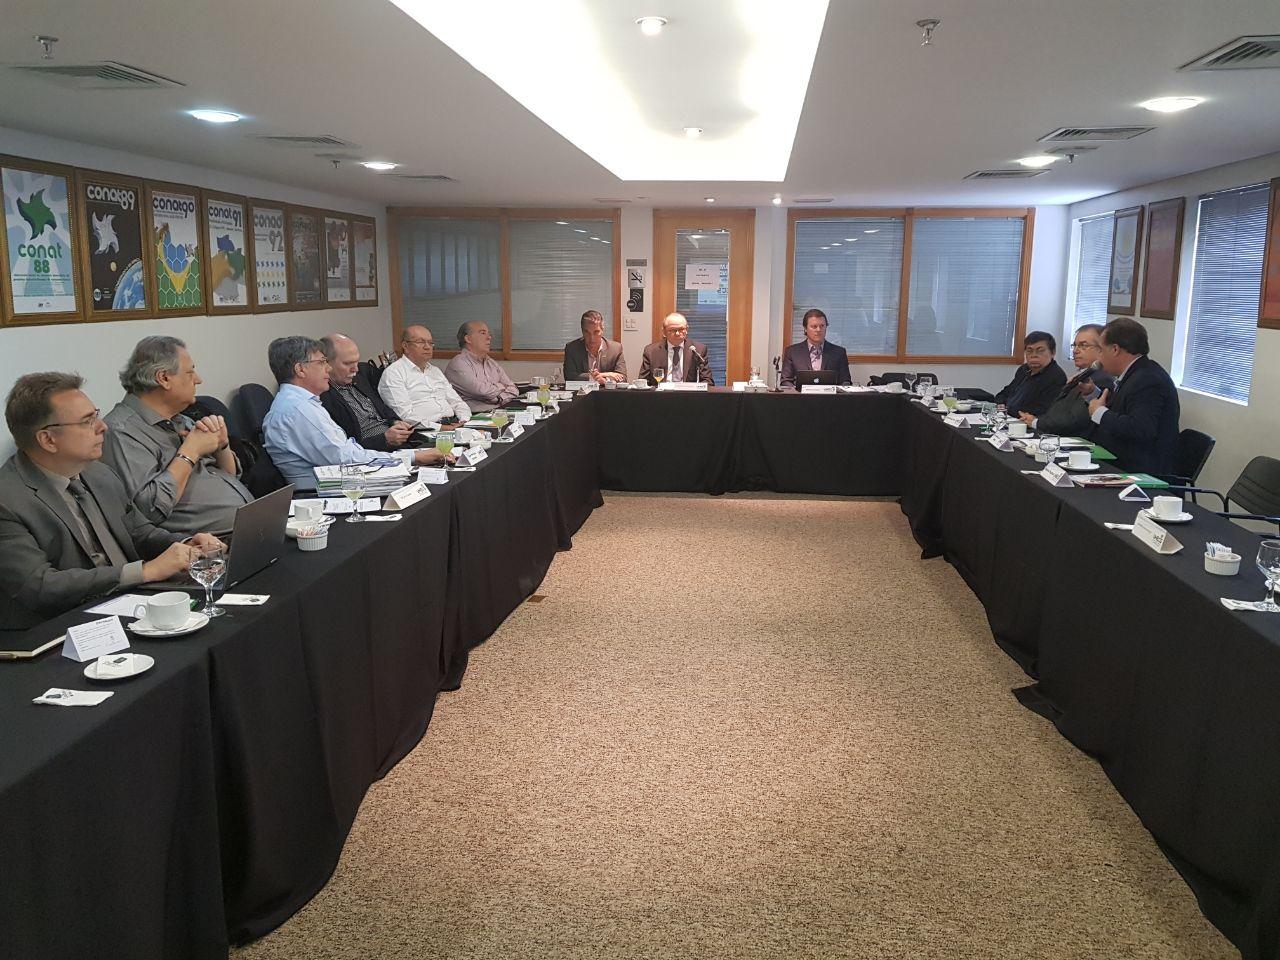 Unecs vai criar uma cartilha sobre a reforma trabalhista para conscientizar o setor de comércio e serviços